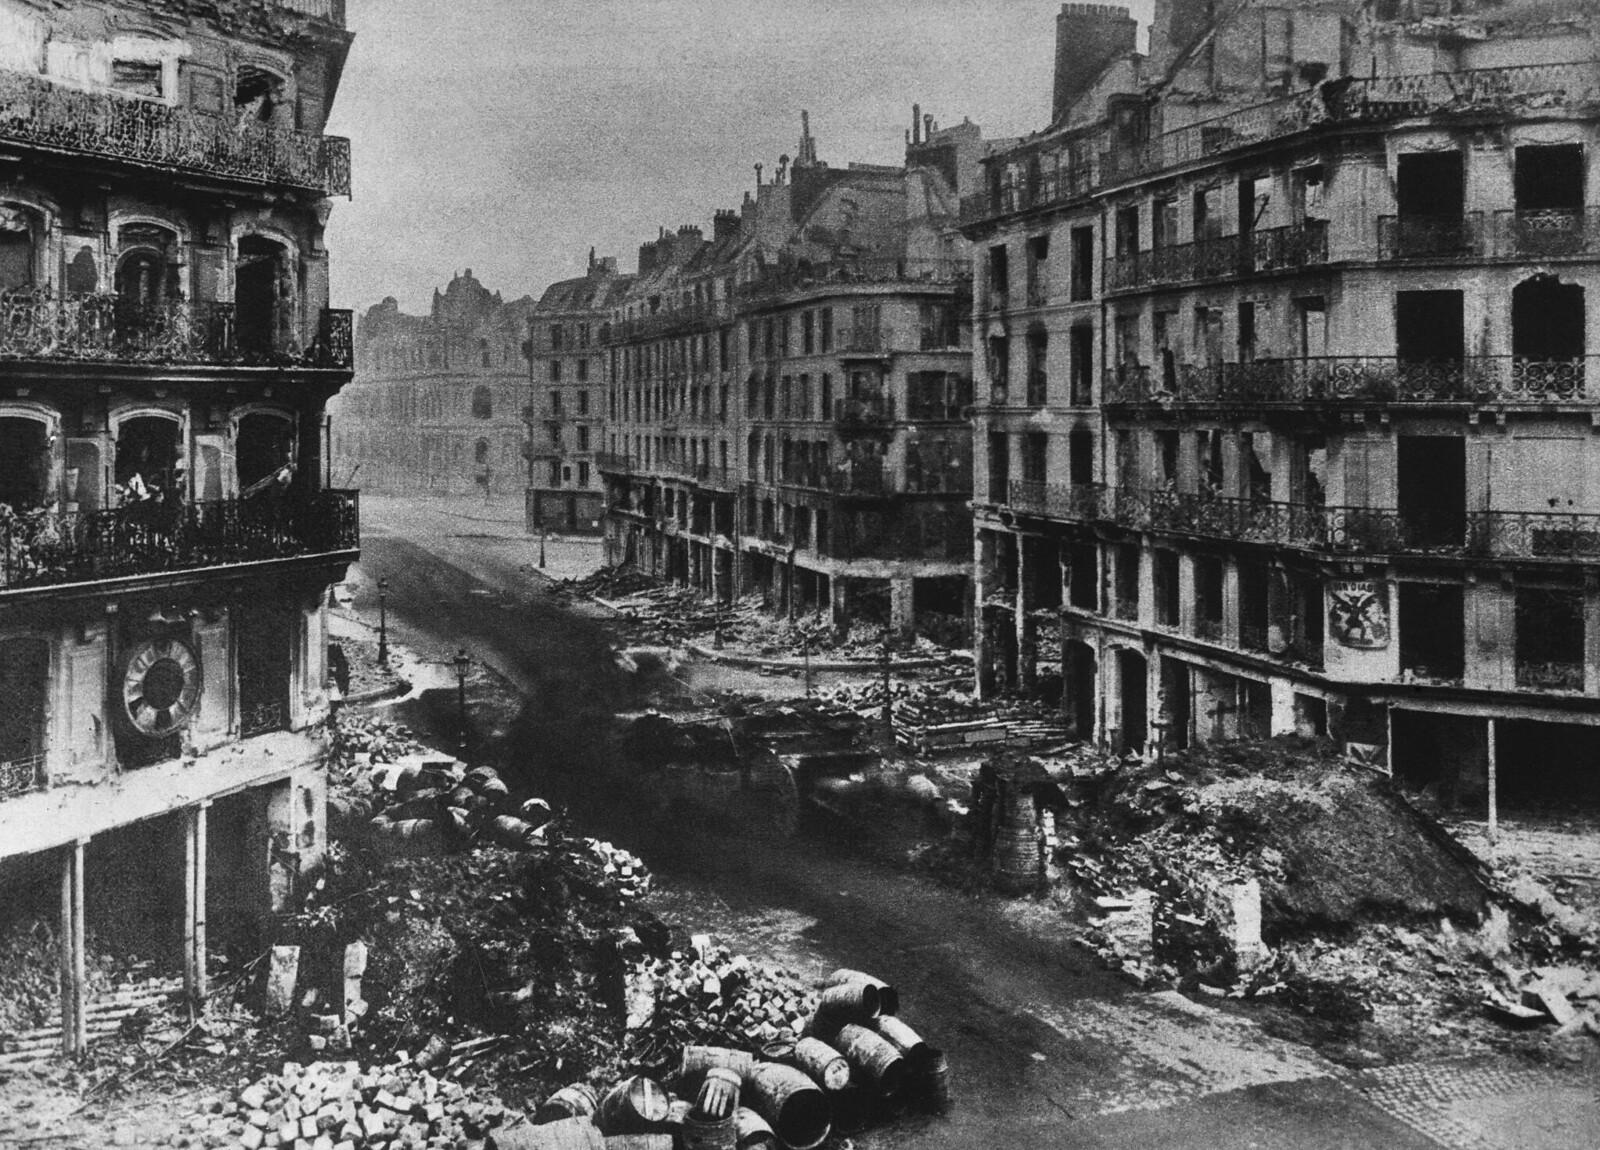 Разрушения на улице Риволи в Париже после недели боев между версальской армией и коммунарами